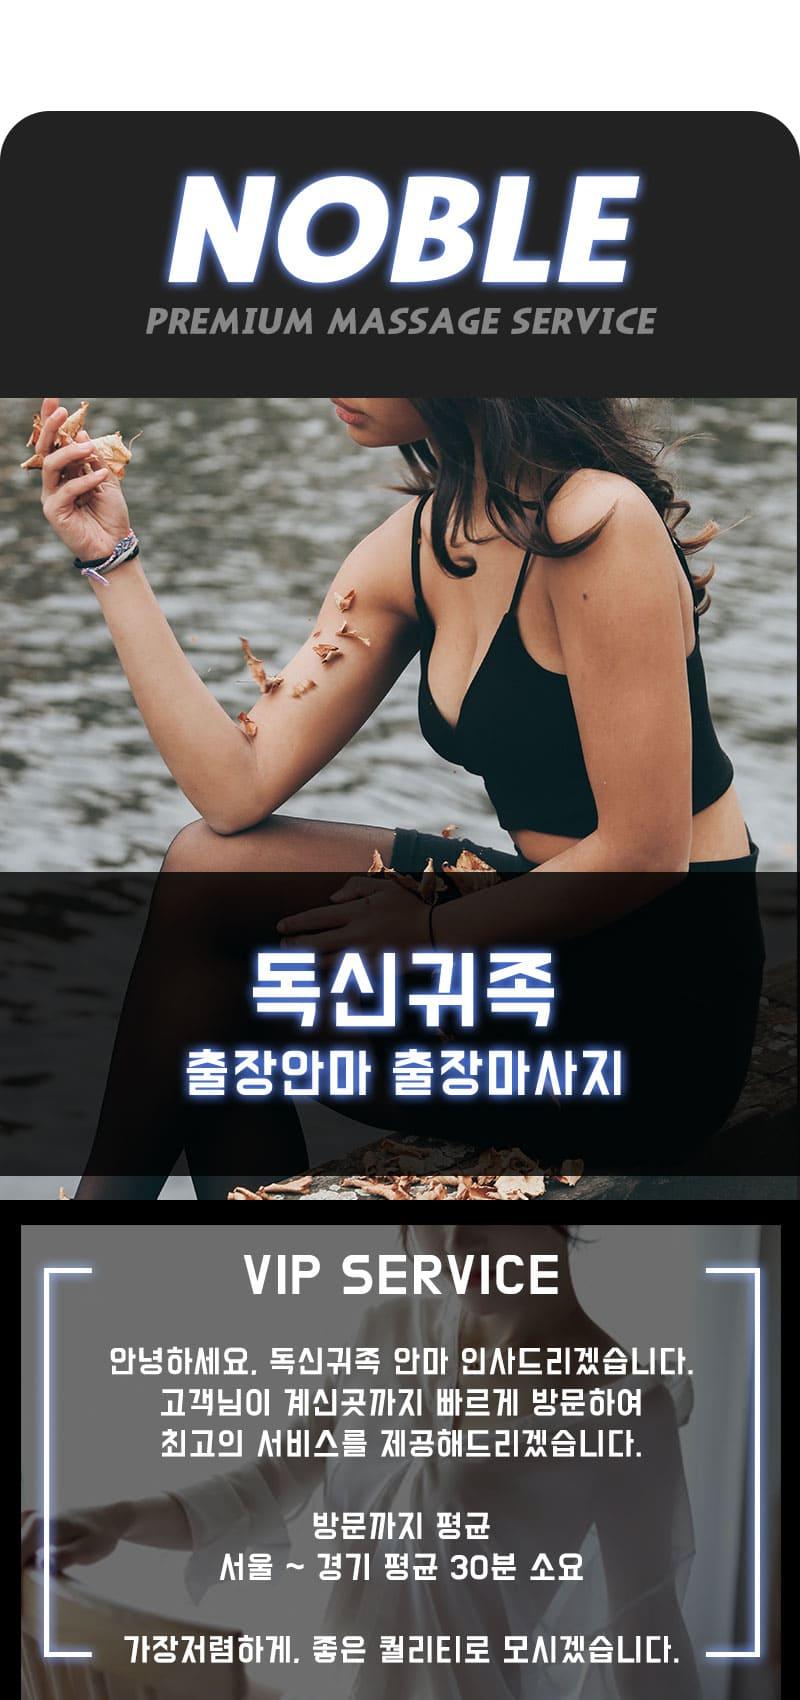 강북구출장안마 소개